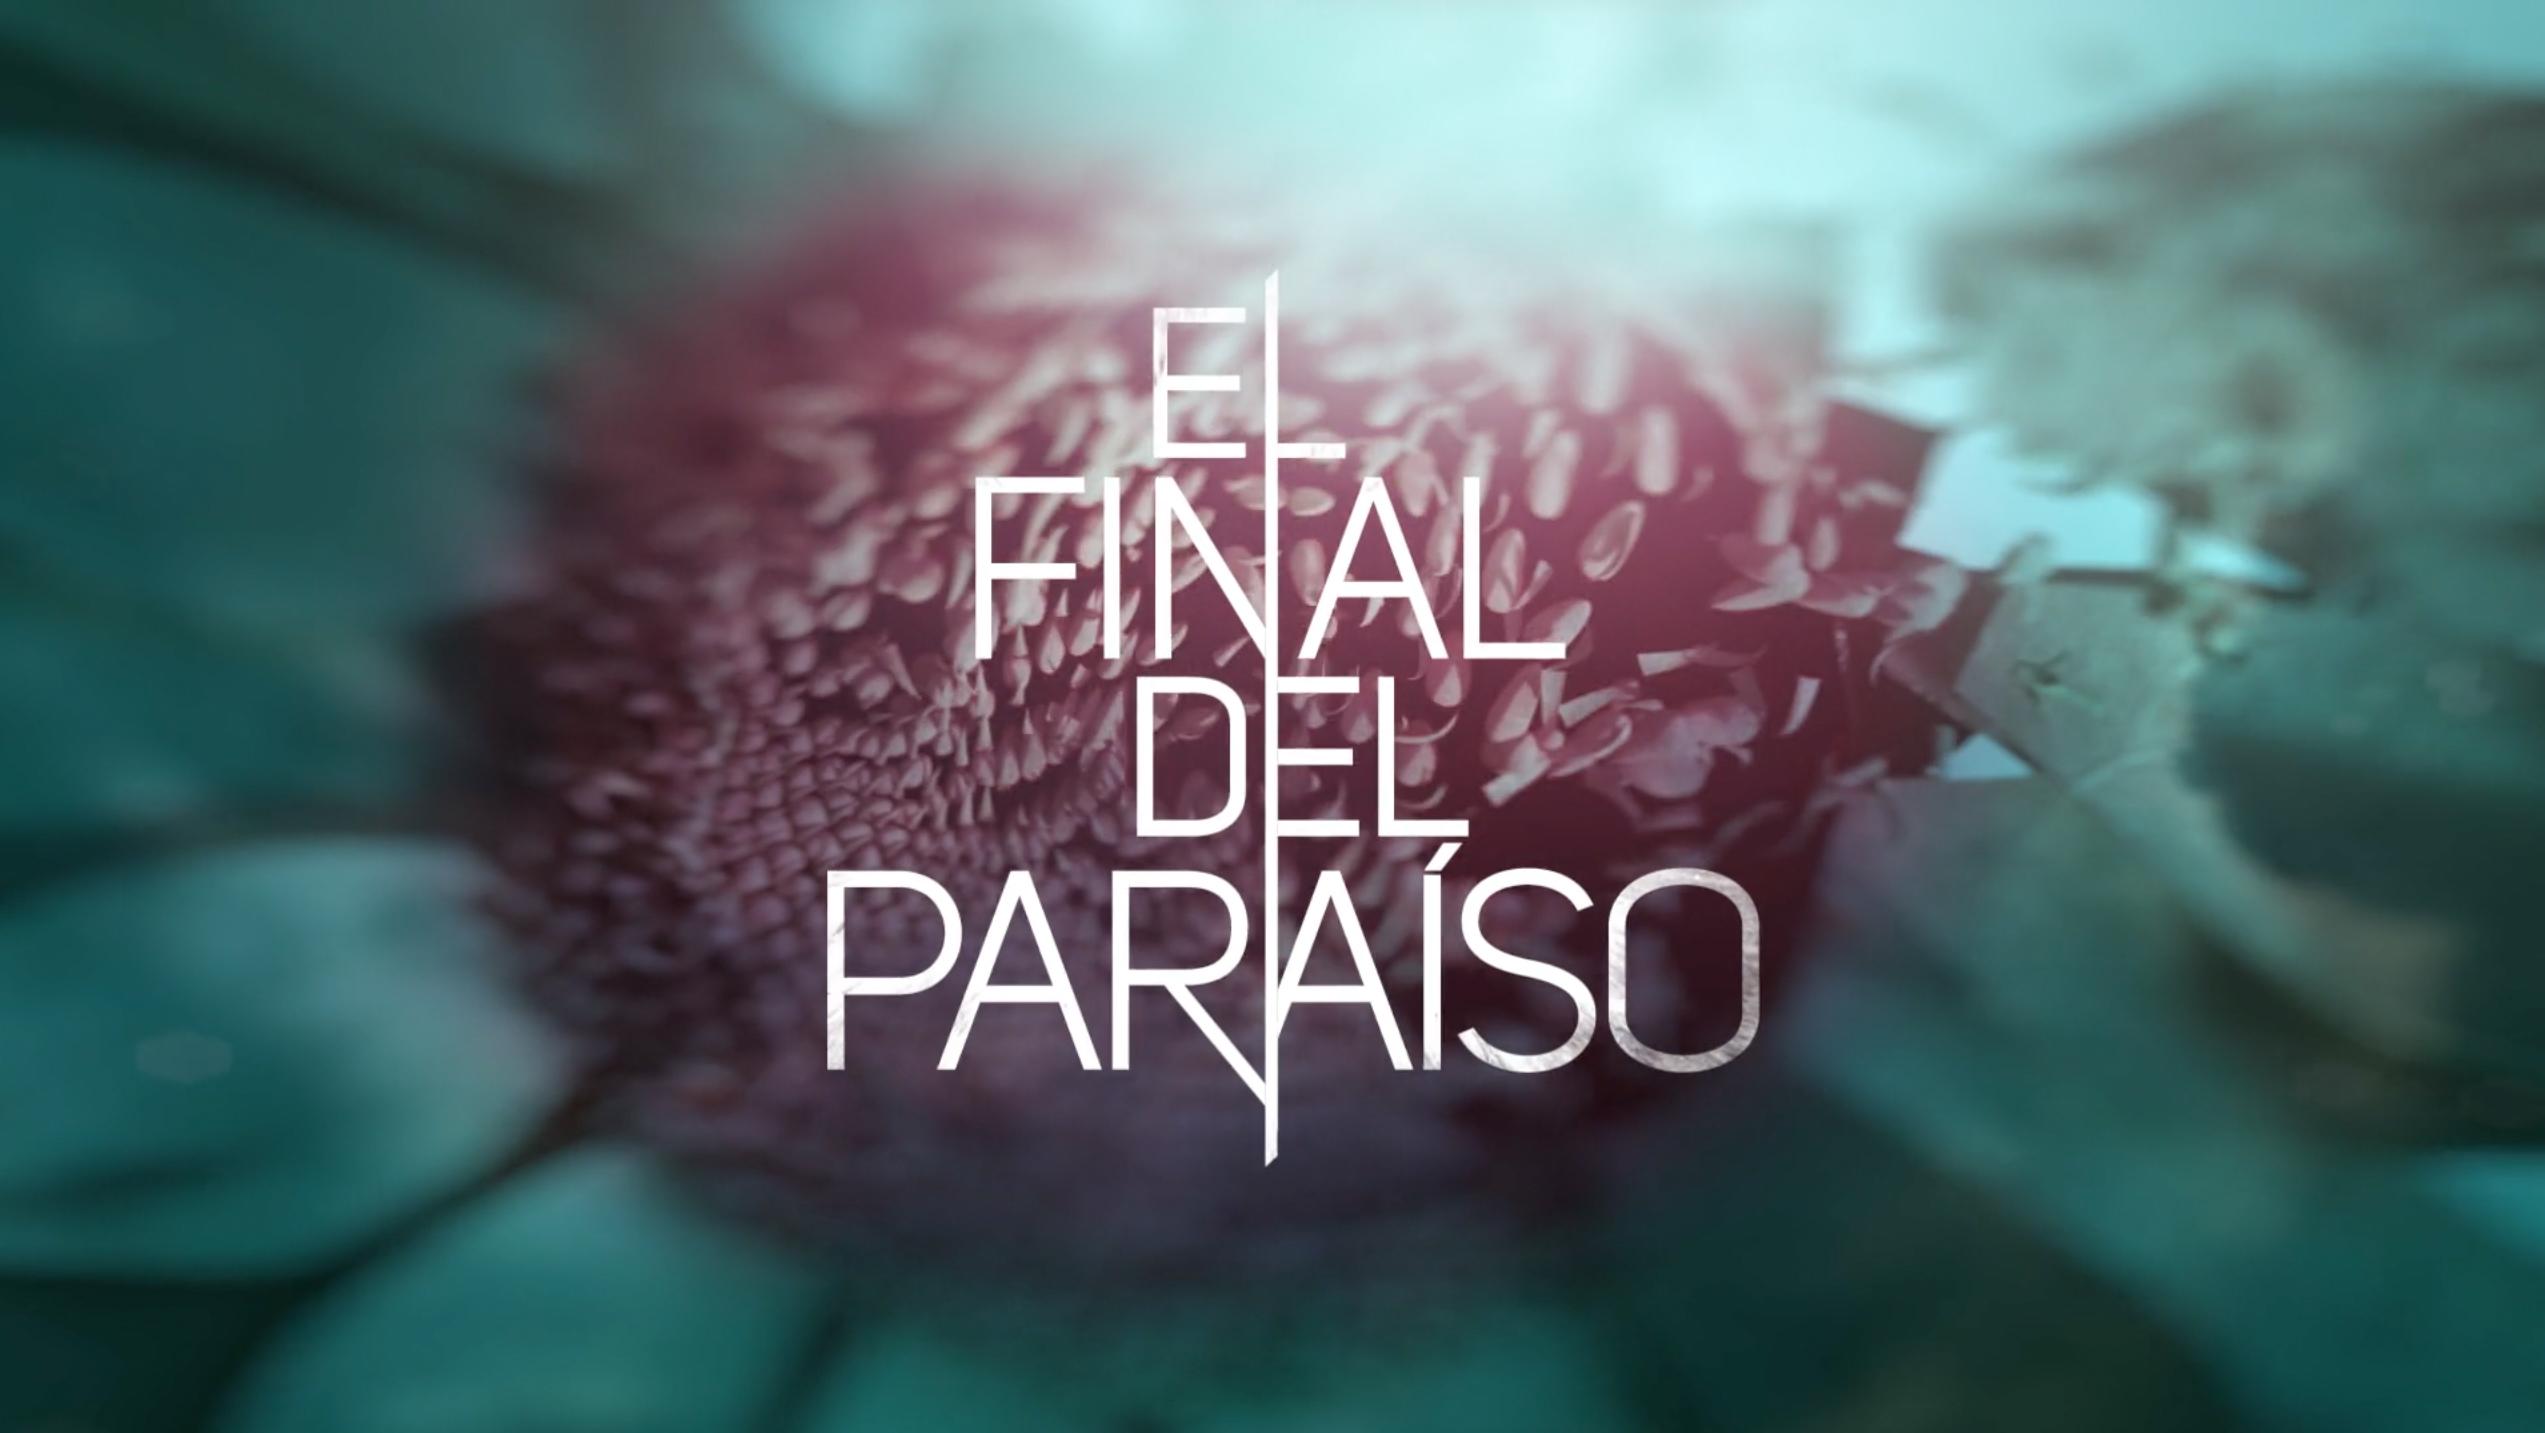 Telemundo | El Final del Paraiso